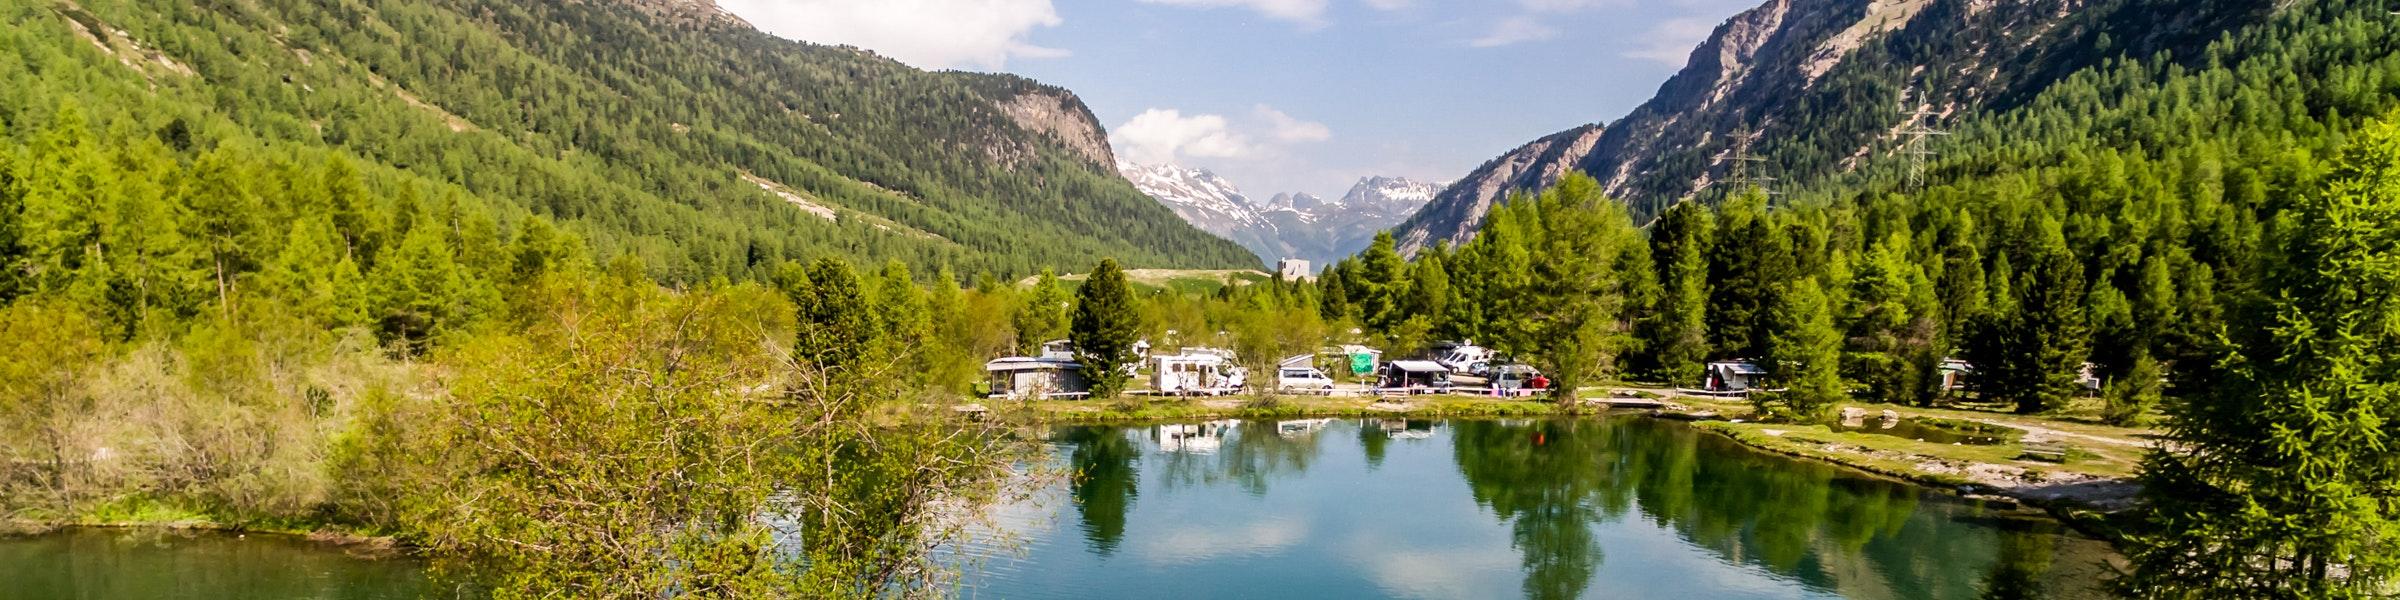 Camping at Morteratsch